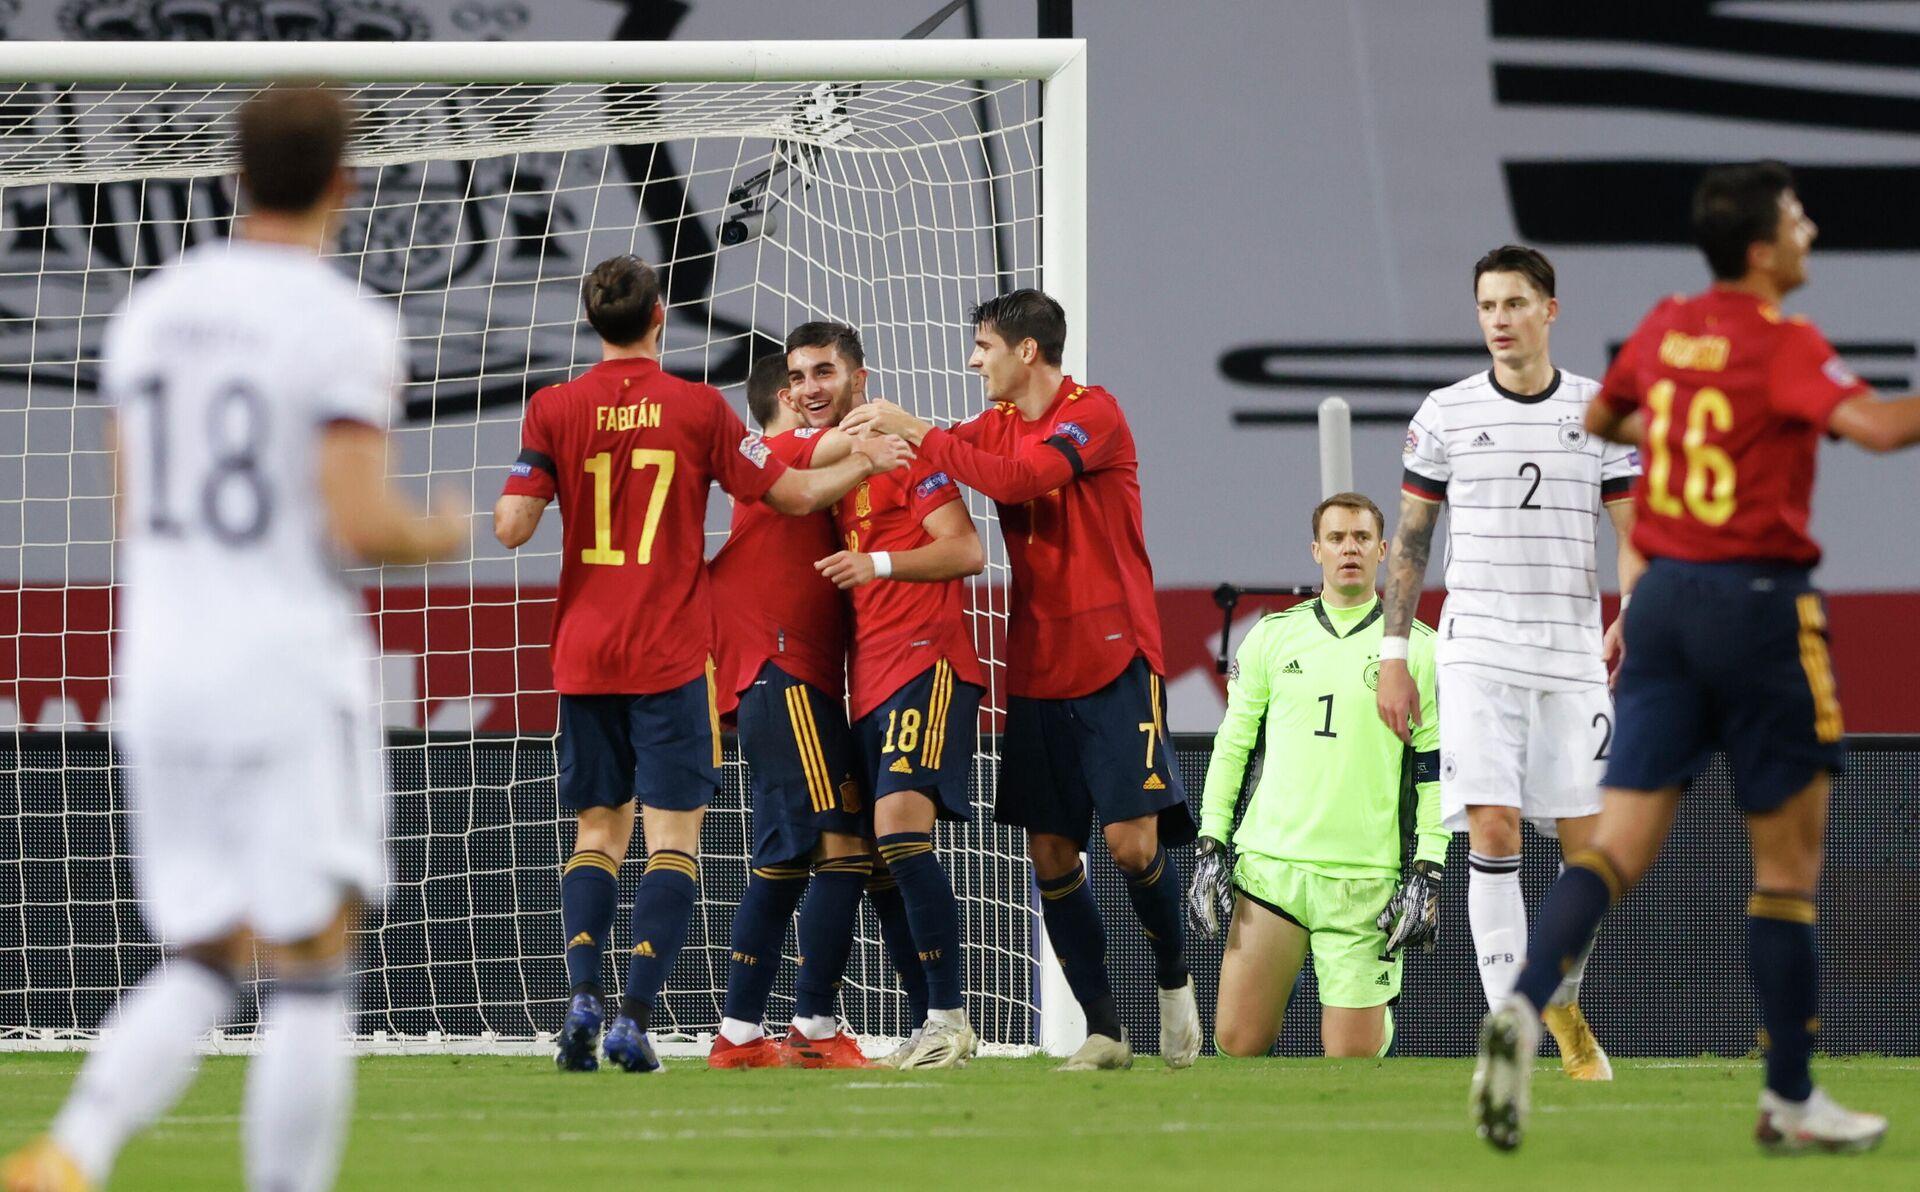 Футболисты сборной Испании радуются голу в ворота сборной Германии - РИА Новости, 1920, 19.11.2020